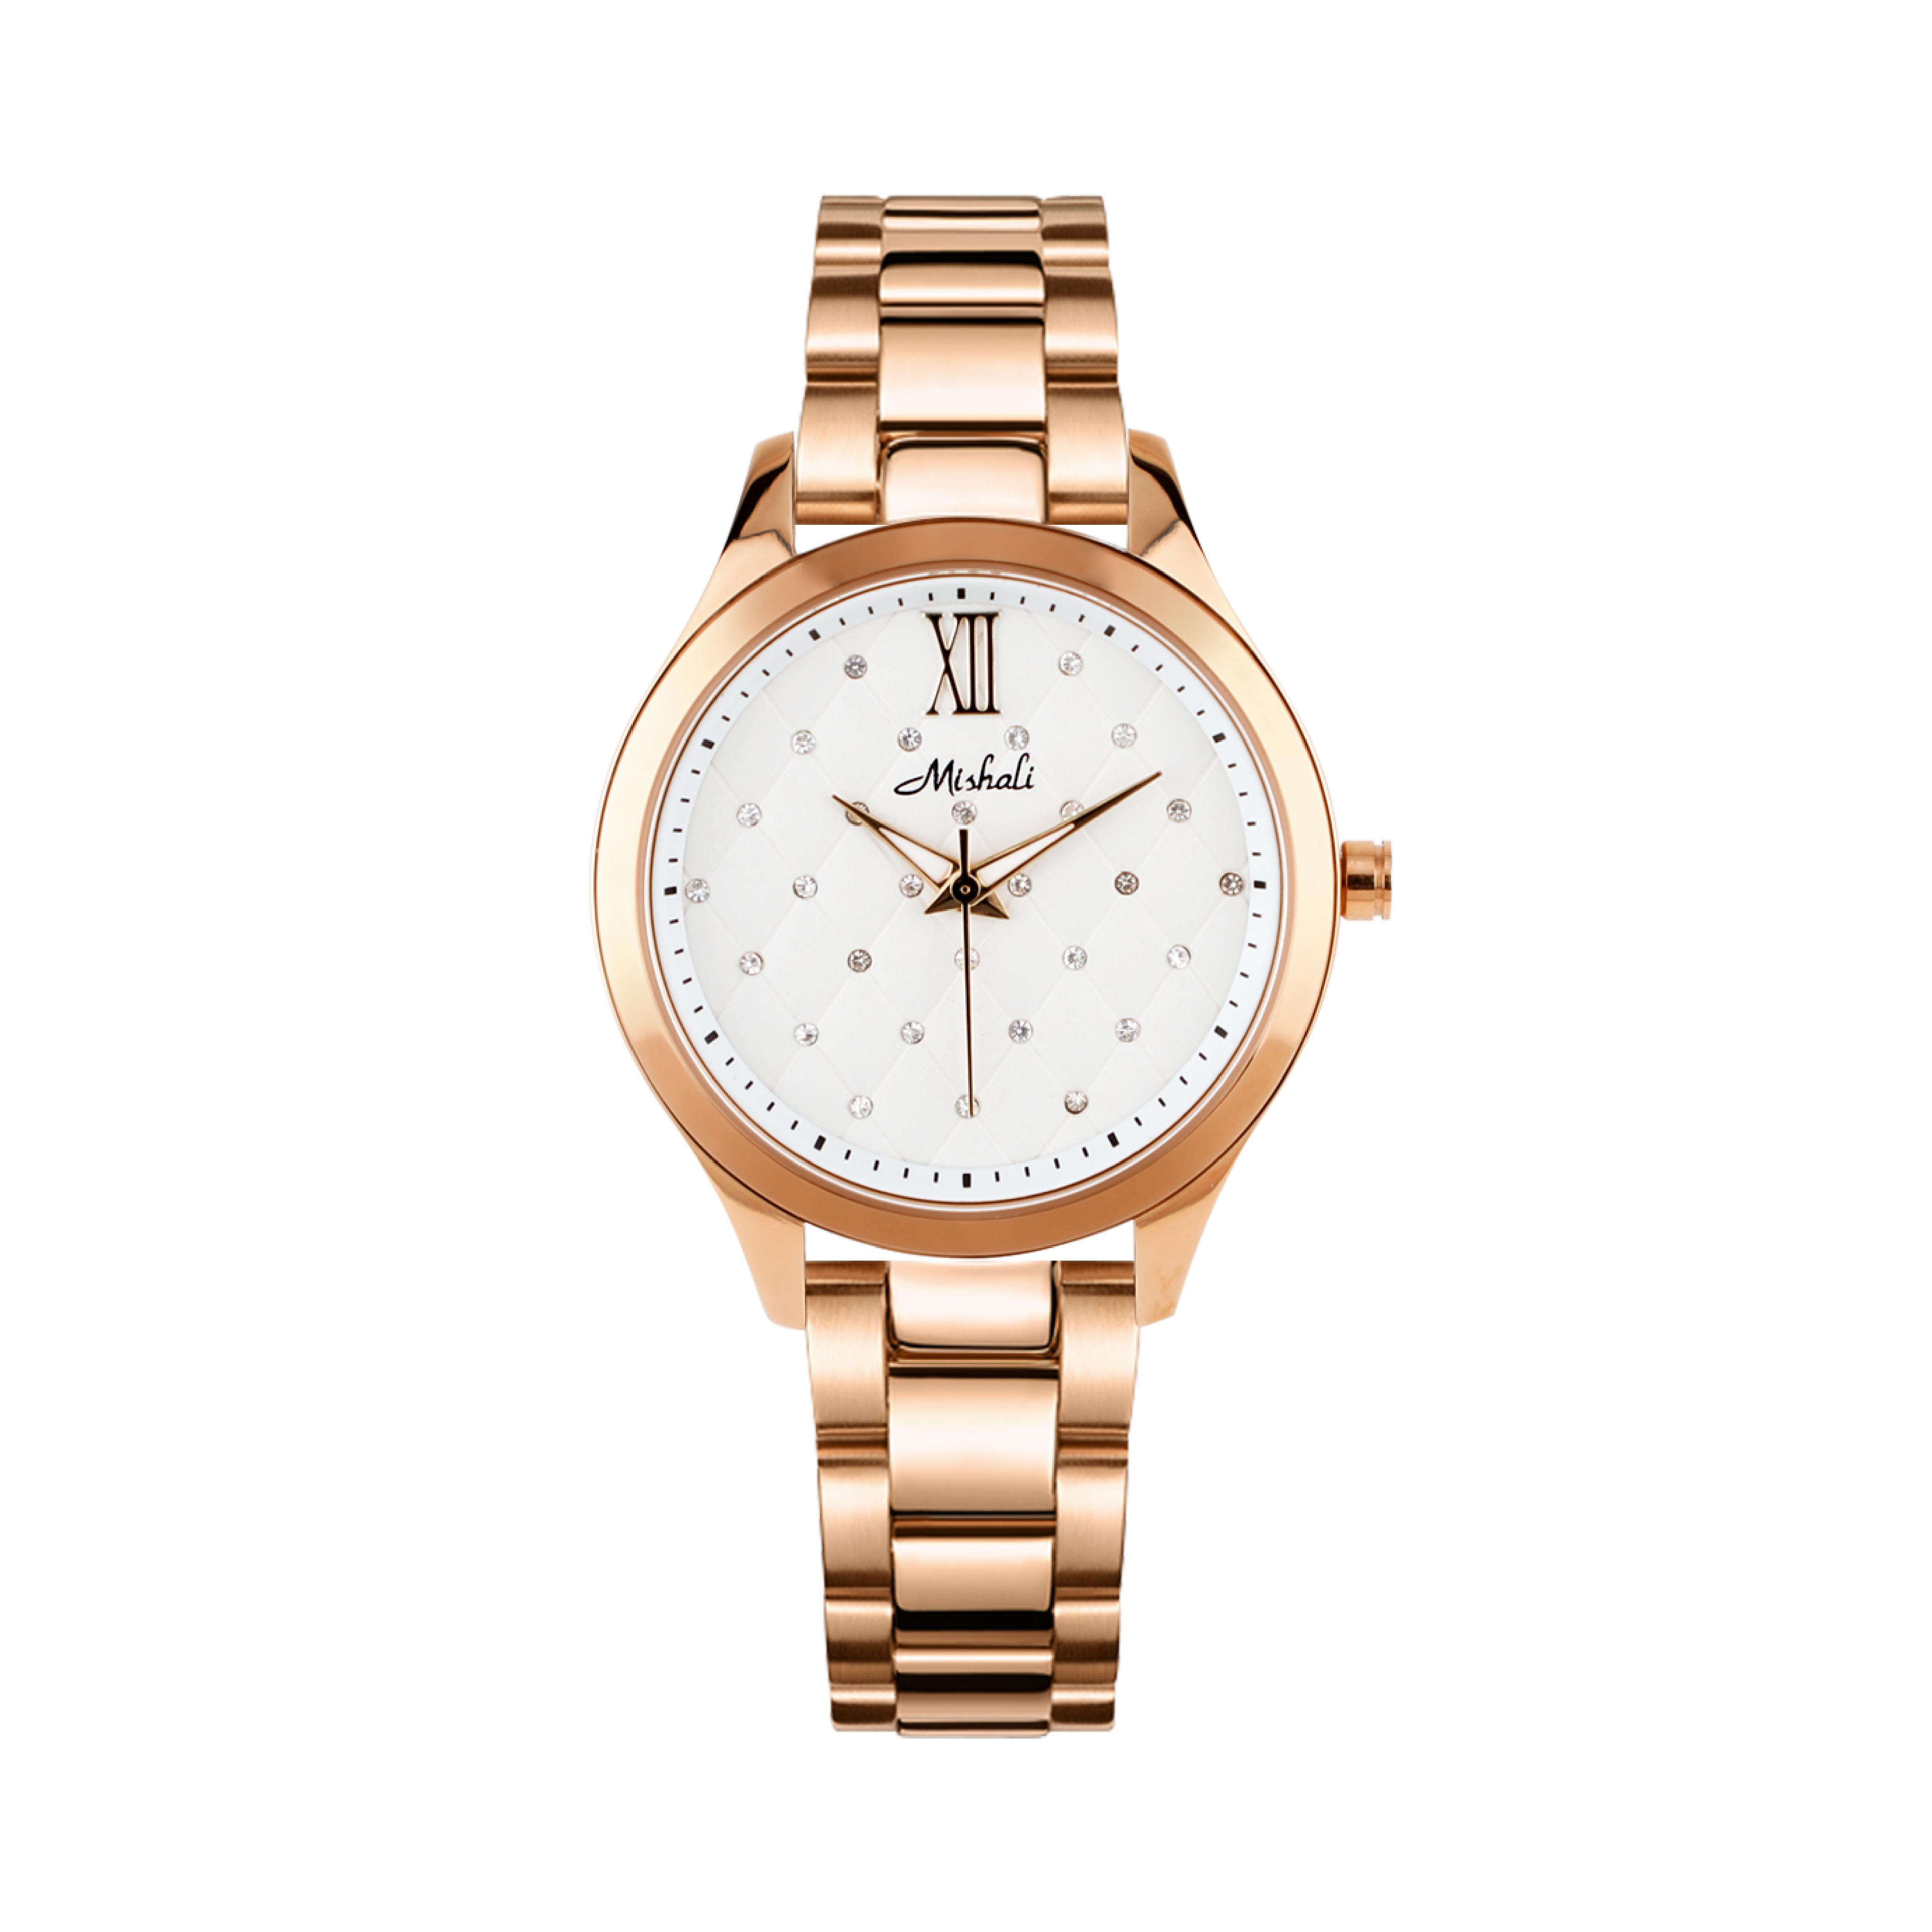 นาฬิกาข้อมือผู้หญิง MISHALI M8026B